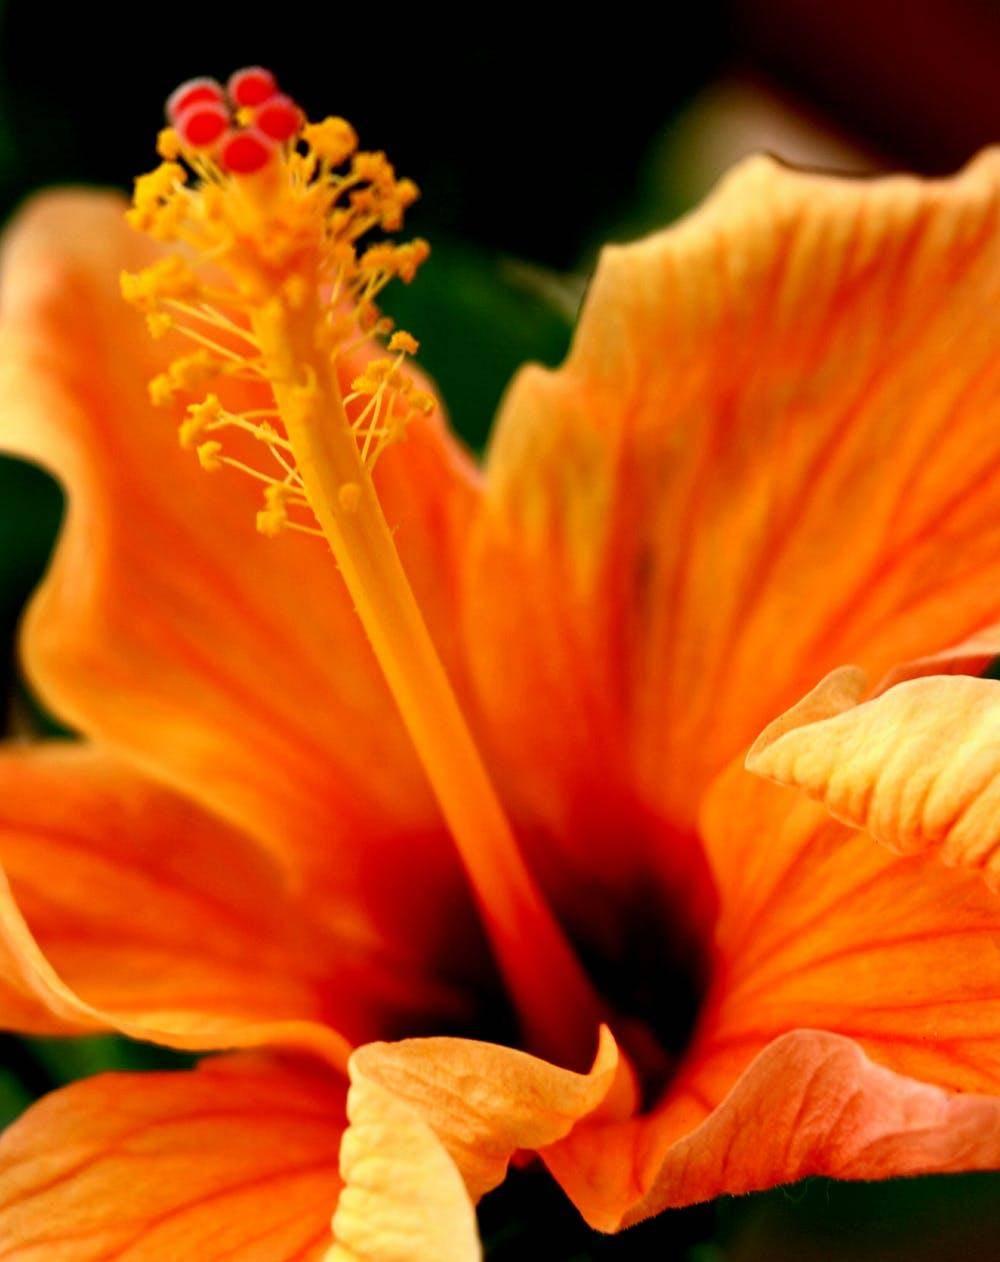 朋友圈封面设计配色分享 橙色的封面简直太美